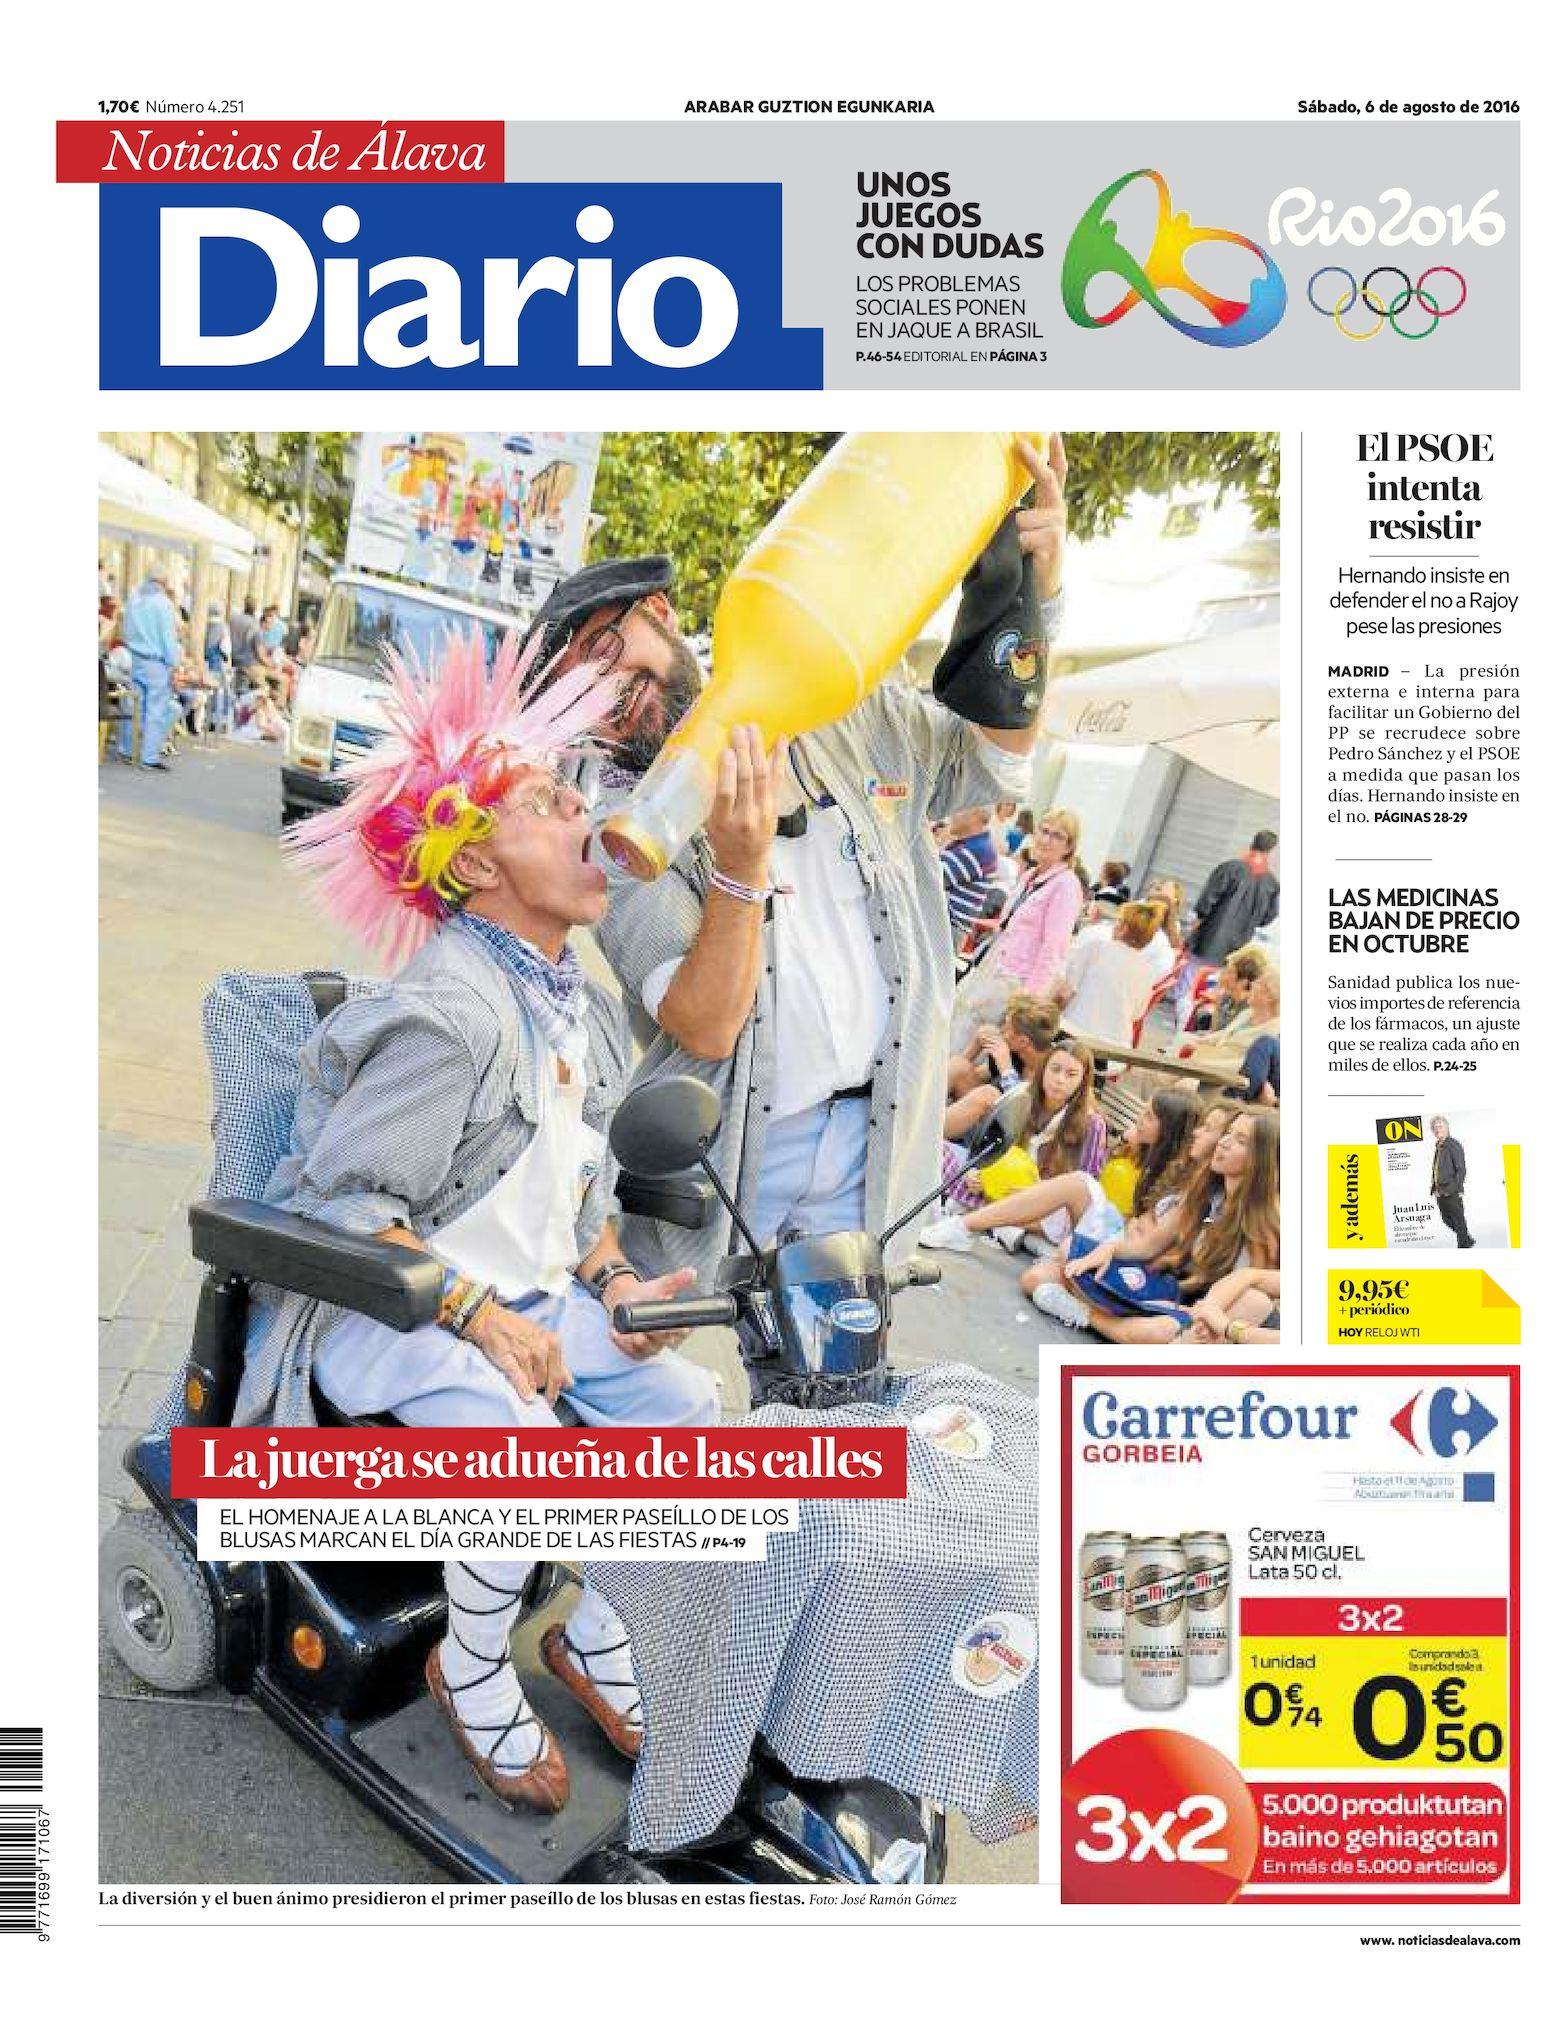 Álava De Diario Noticias Calaméo 20160806 2IEYWDH9